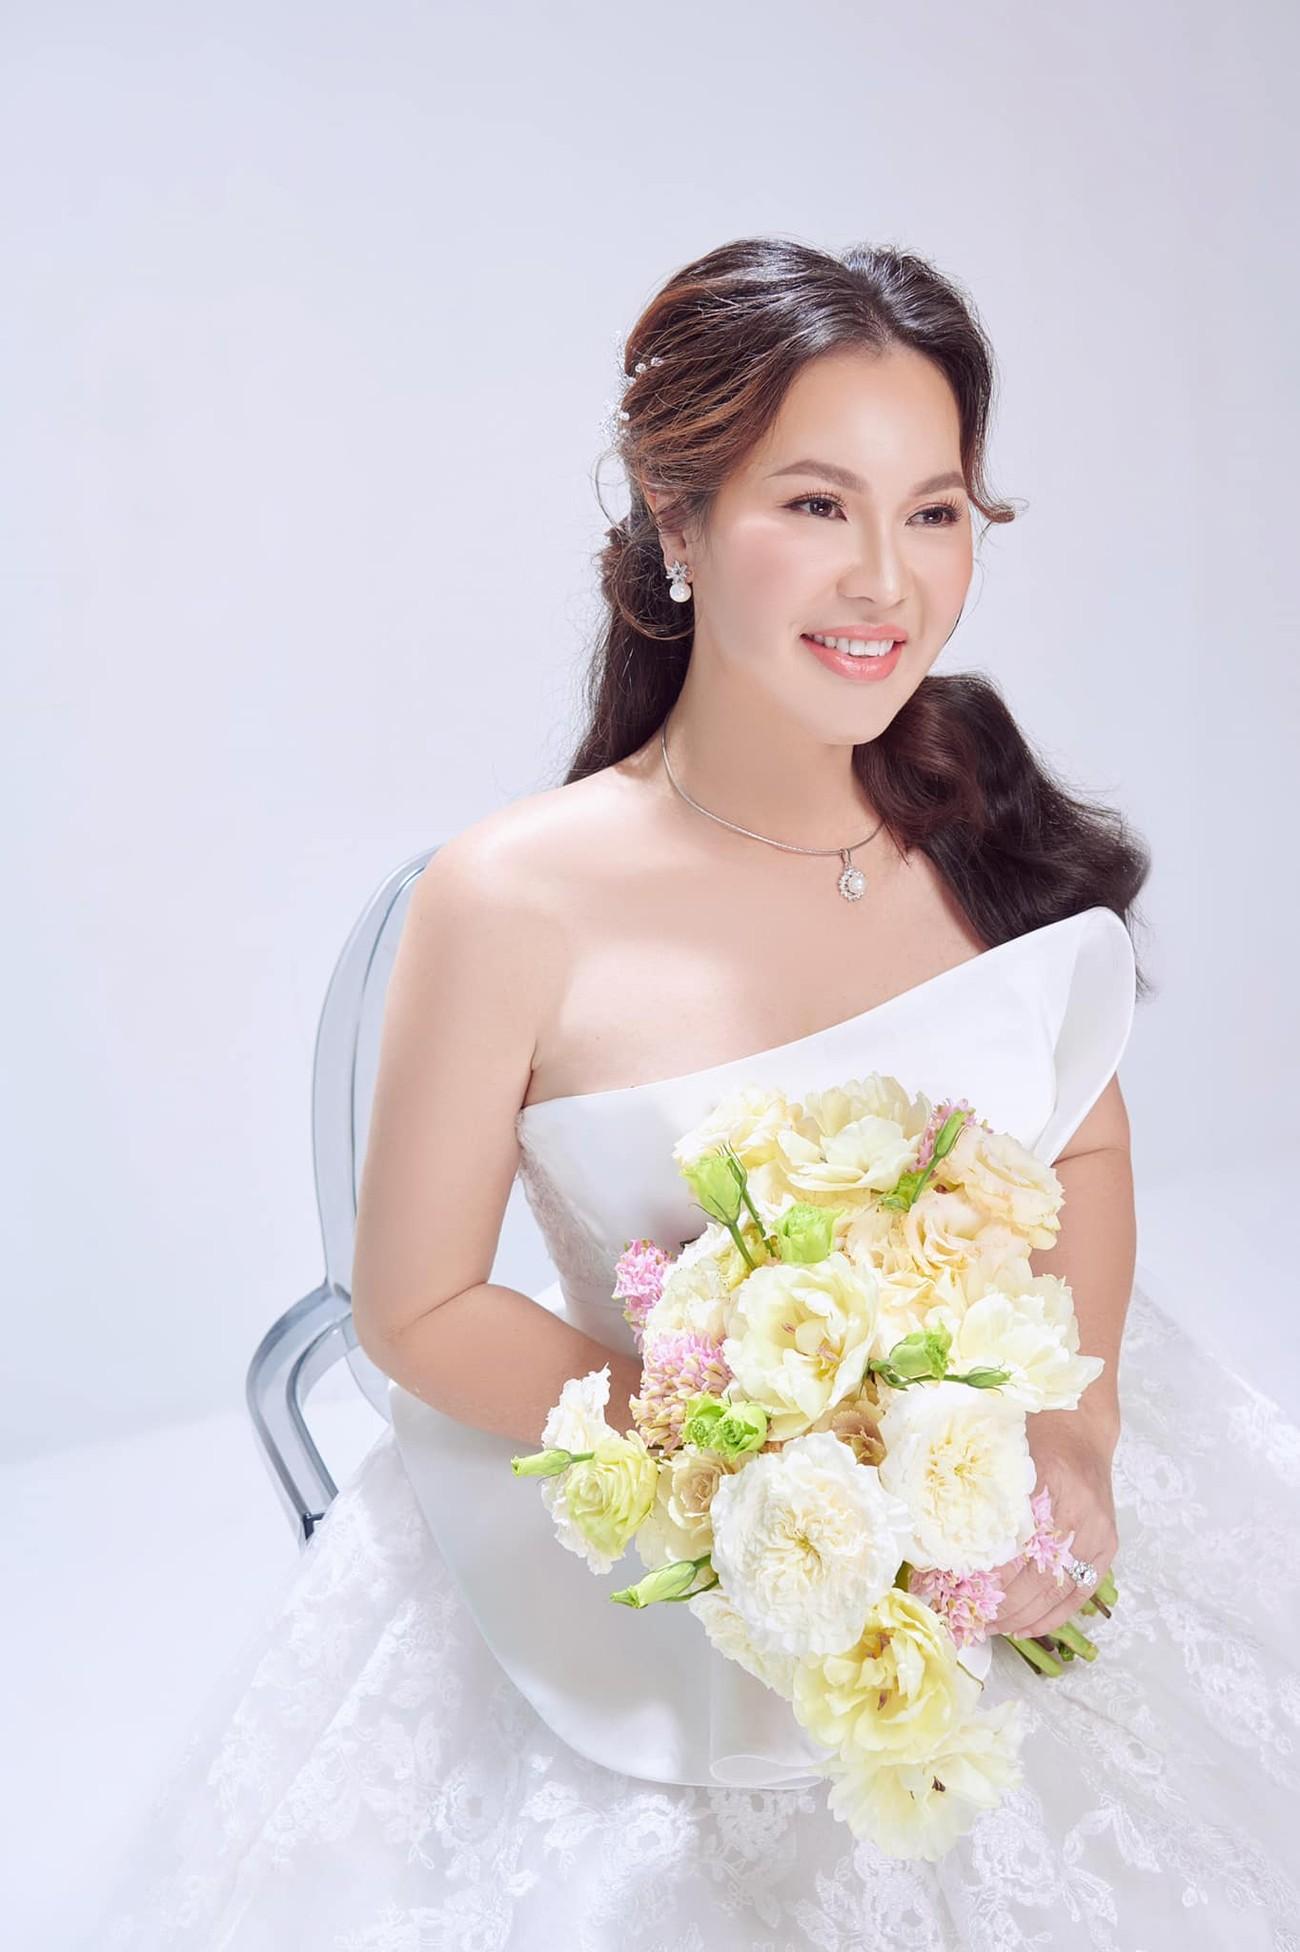 Hé lộ thêm ảnh cưới của Quý Bình, vợ doanh nhân cực trẻ trung và xinh đẹp ảnh 8